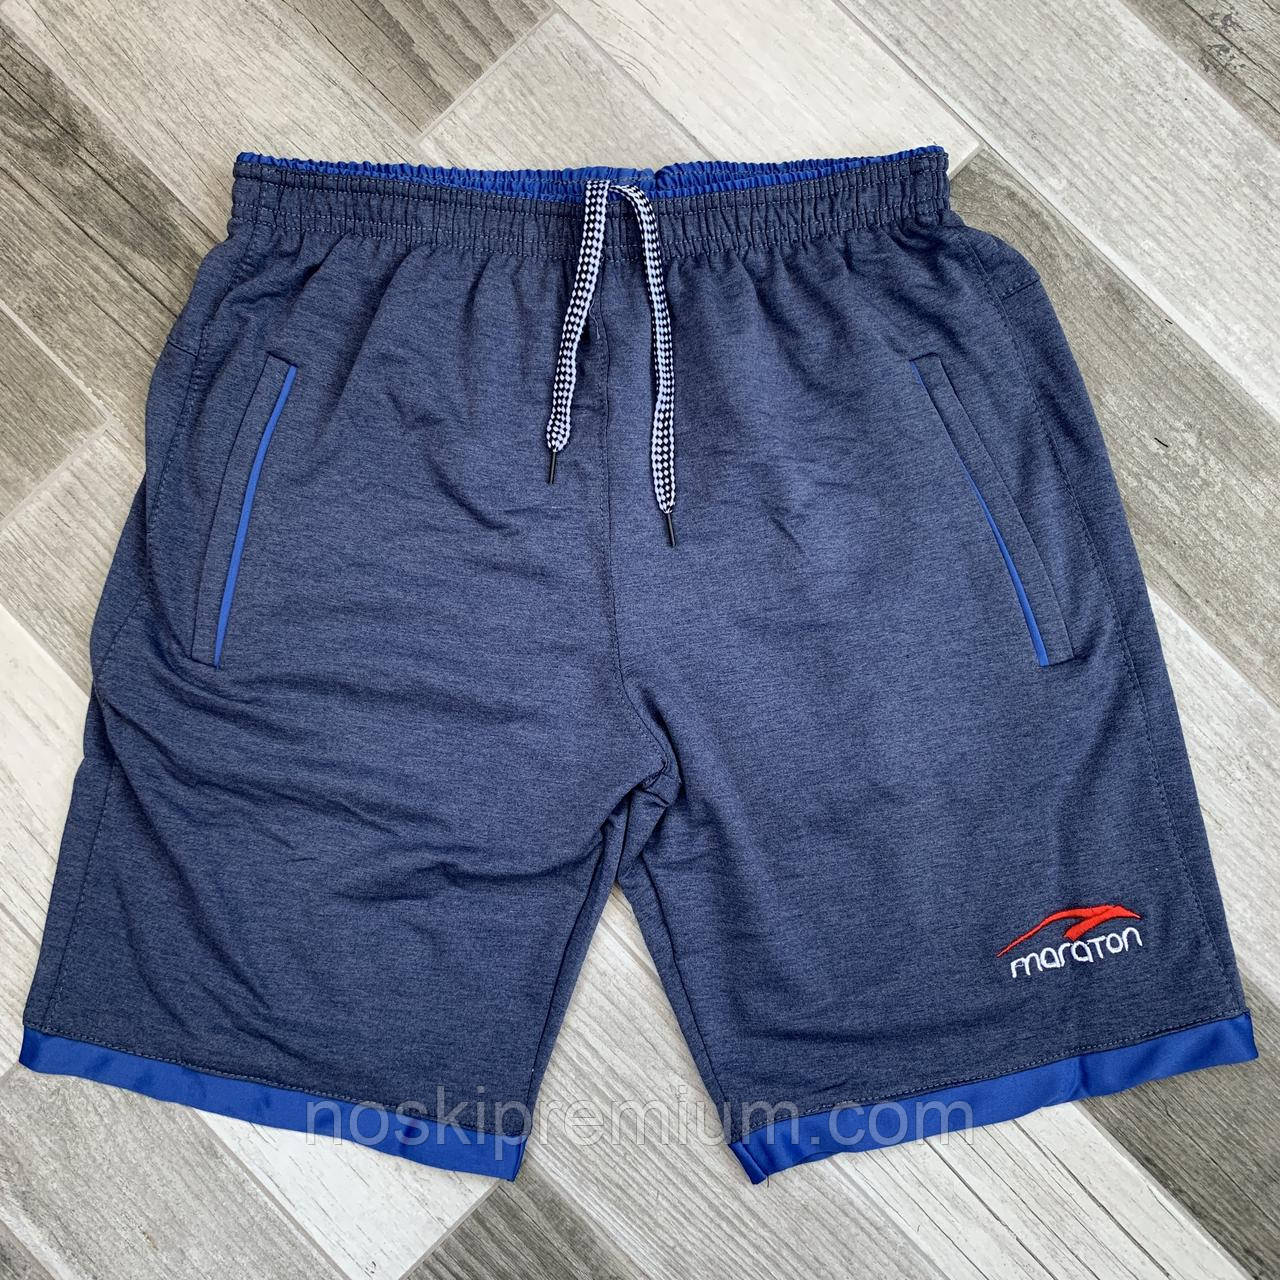 Шорты мужские хлопок Maraton, размеры 46-54, джинс, 05602